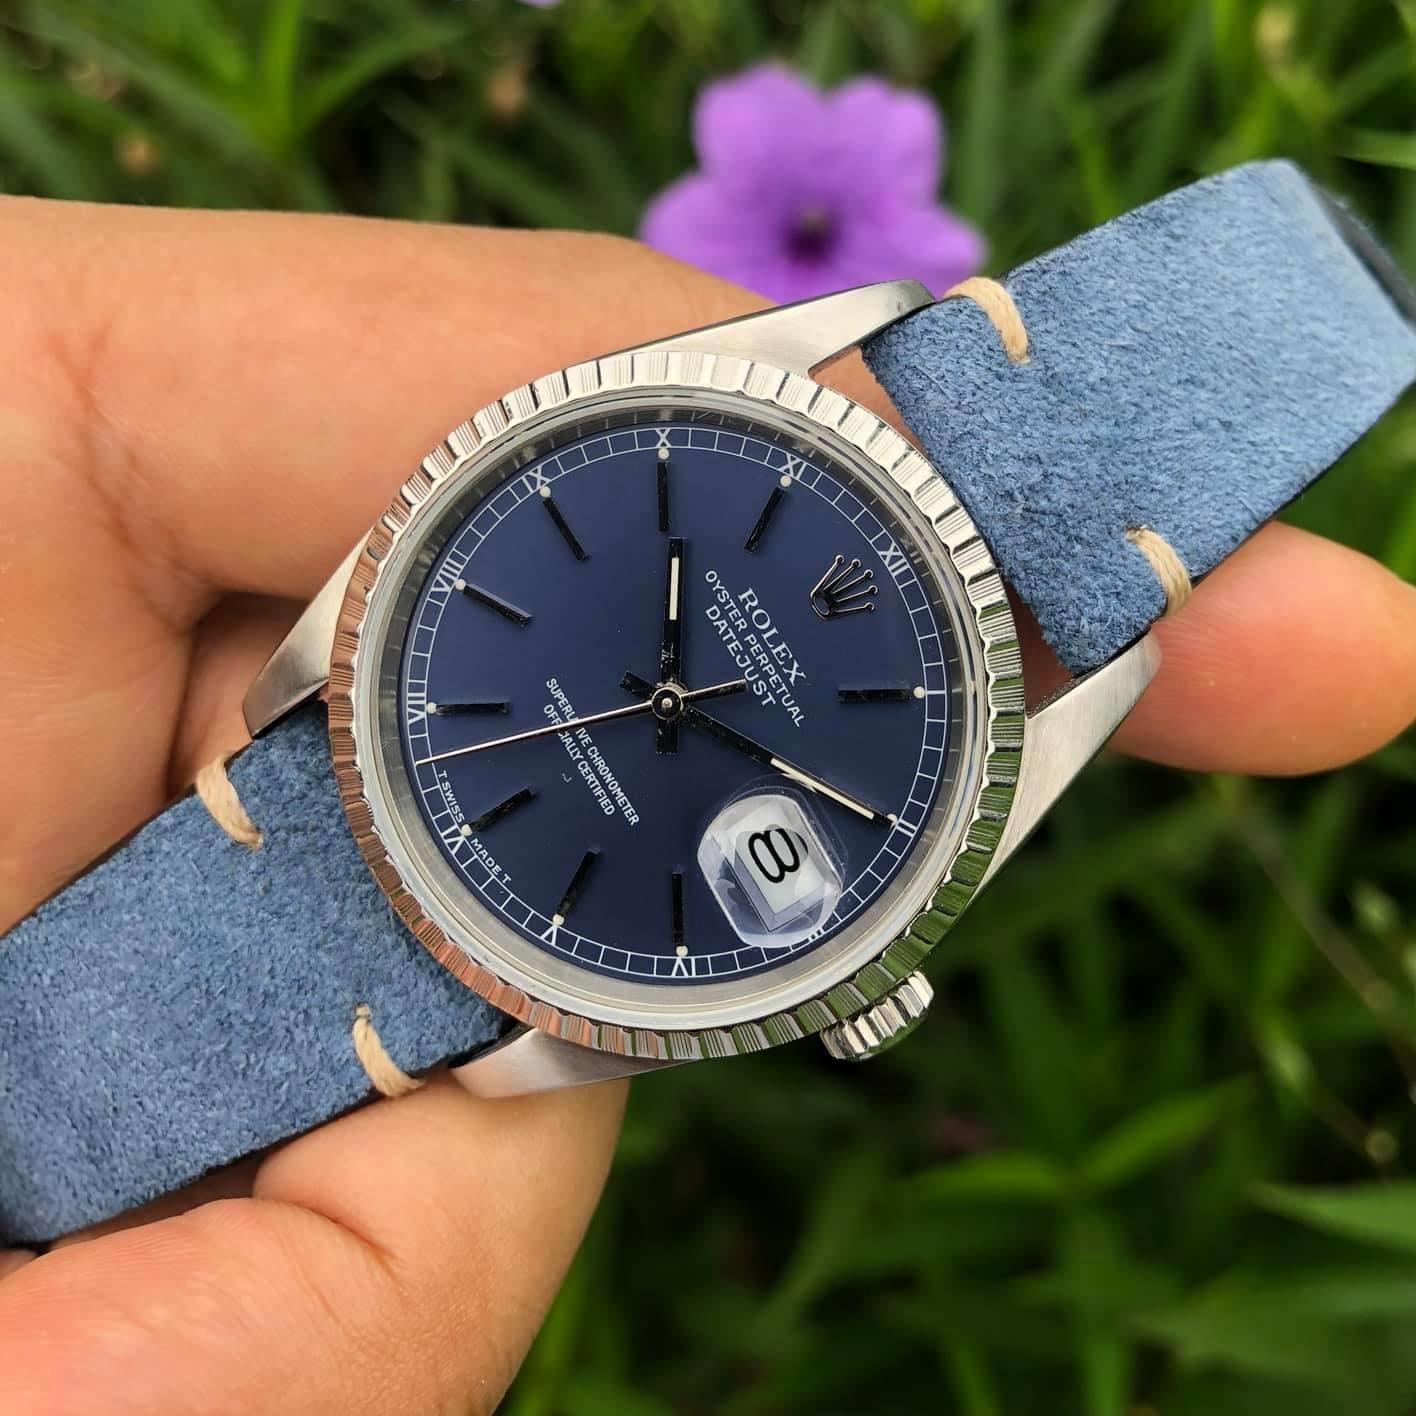 Rolex Datejust 16220 mặt xanh tím cực hiếm giá trị sưu tầm lớn